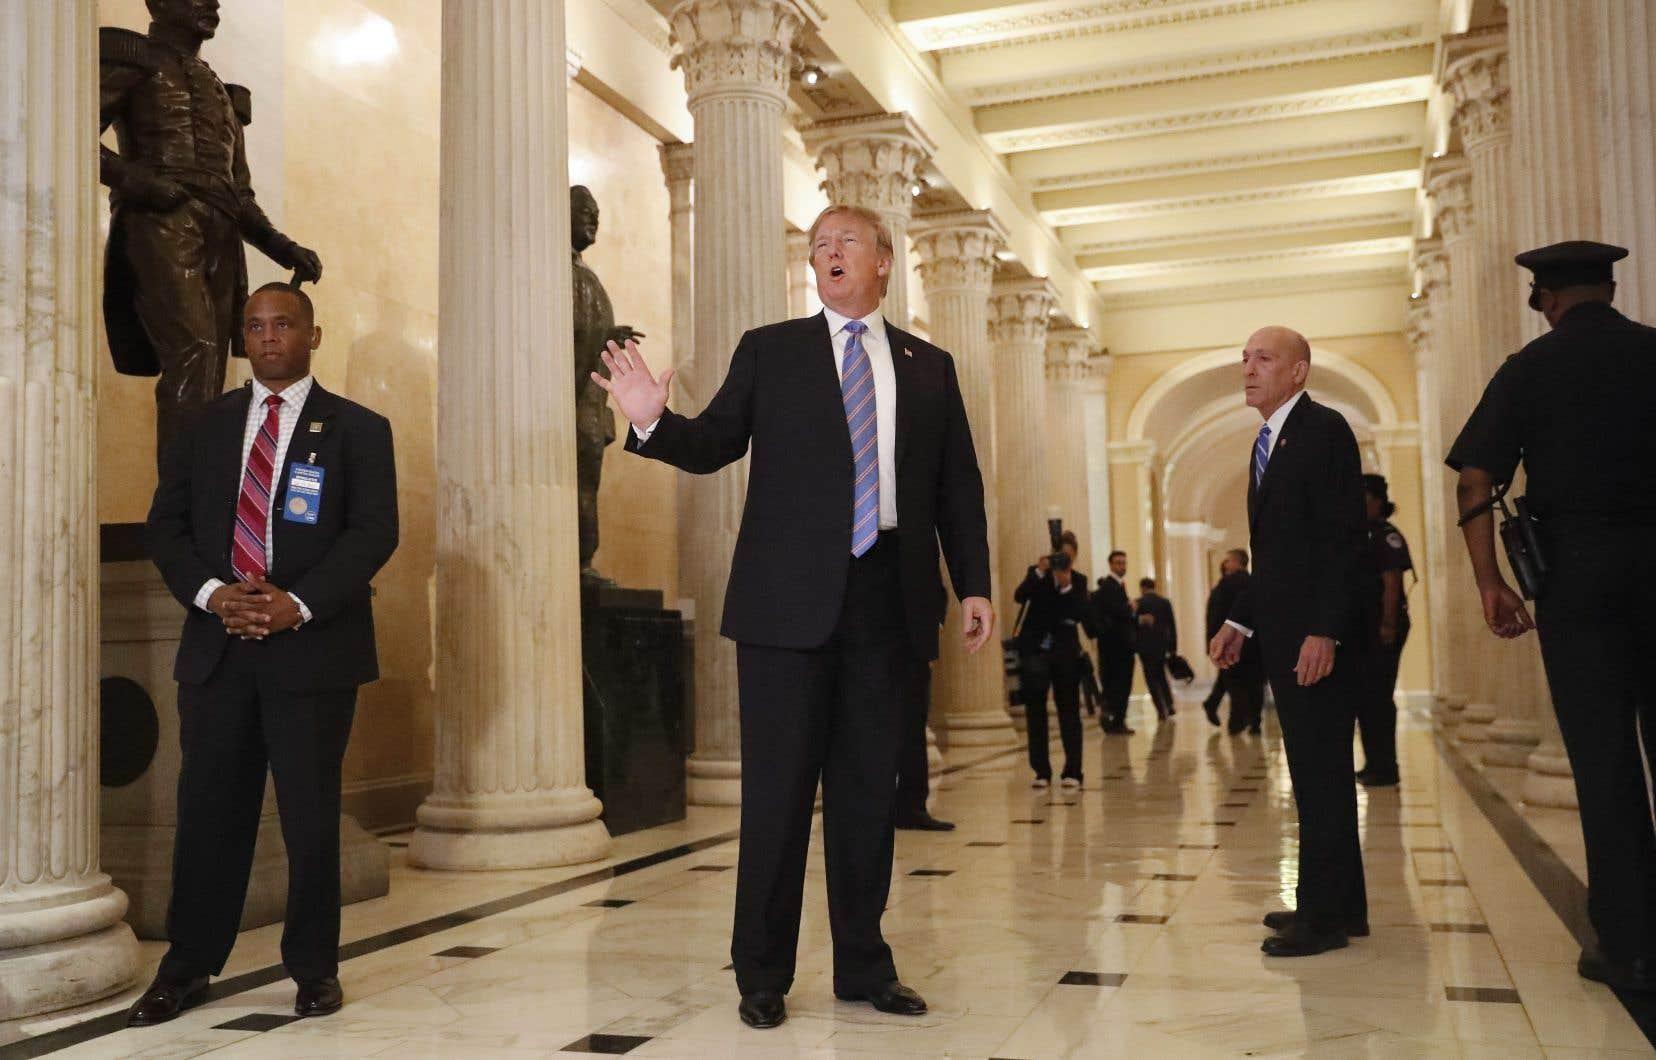 Le président américain, Donald Trump, s'est adressé aux médias avant une rencontre avec sa majorité républicaine au Congrès mardi.